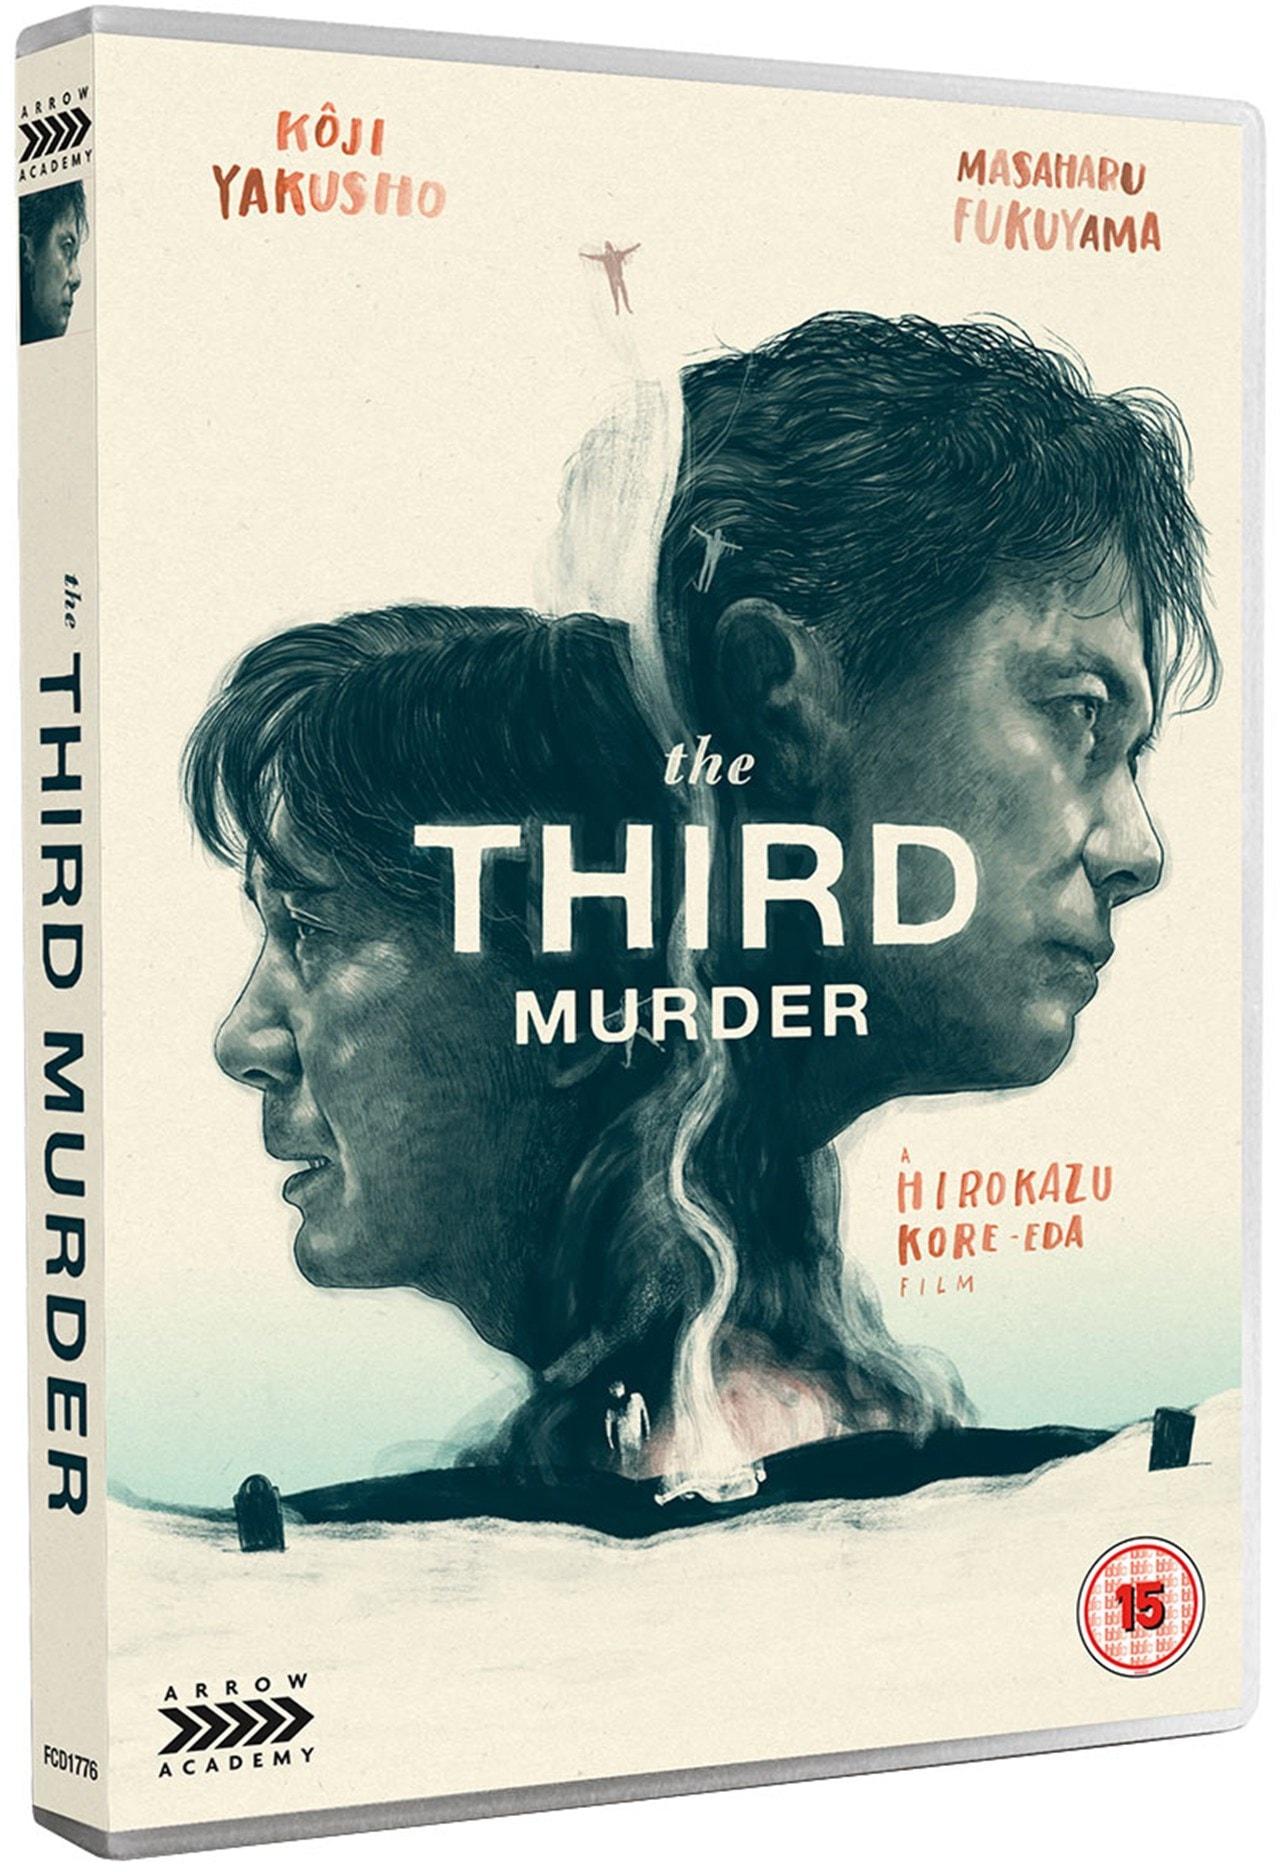 The Third Murder - 2